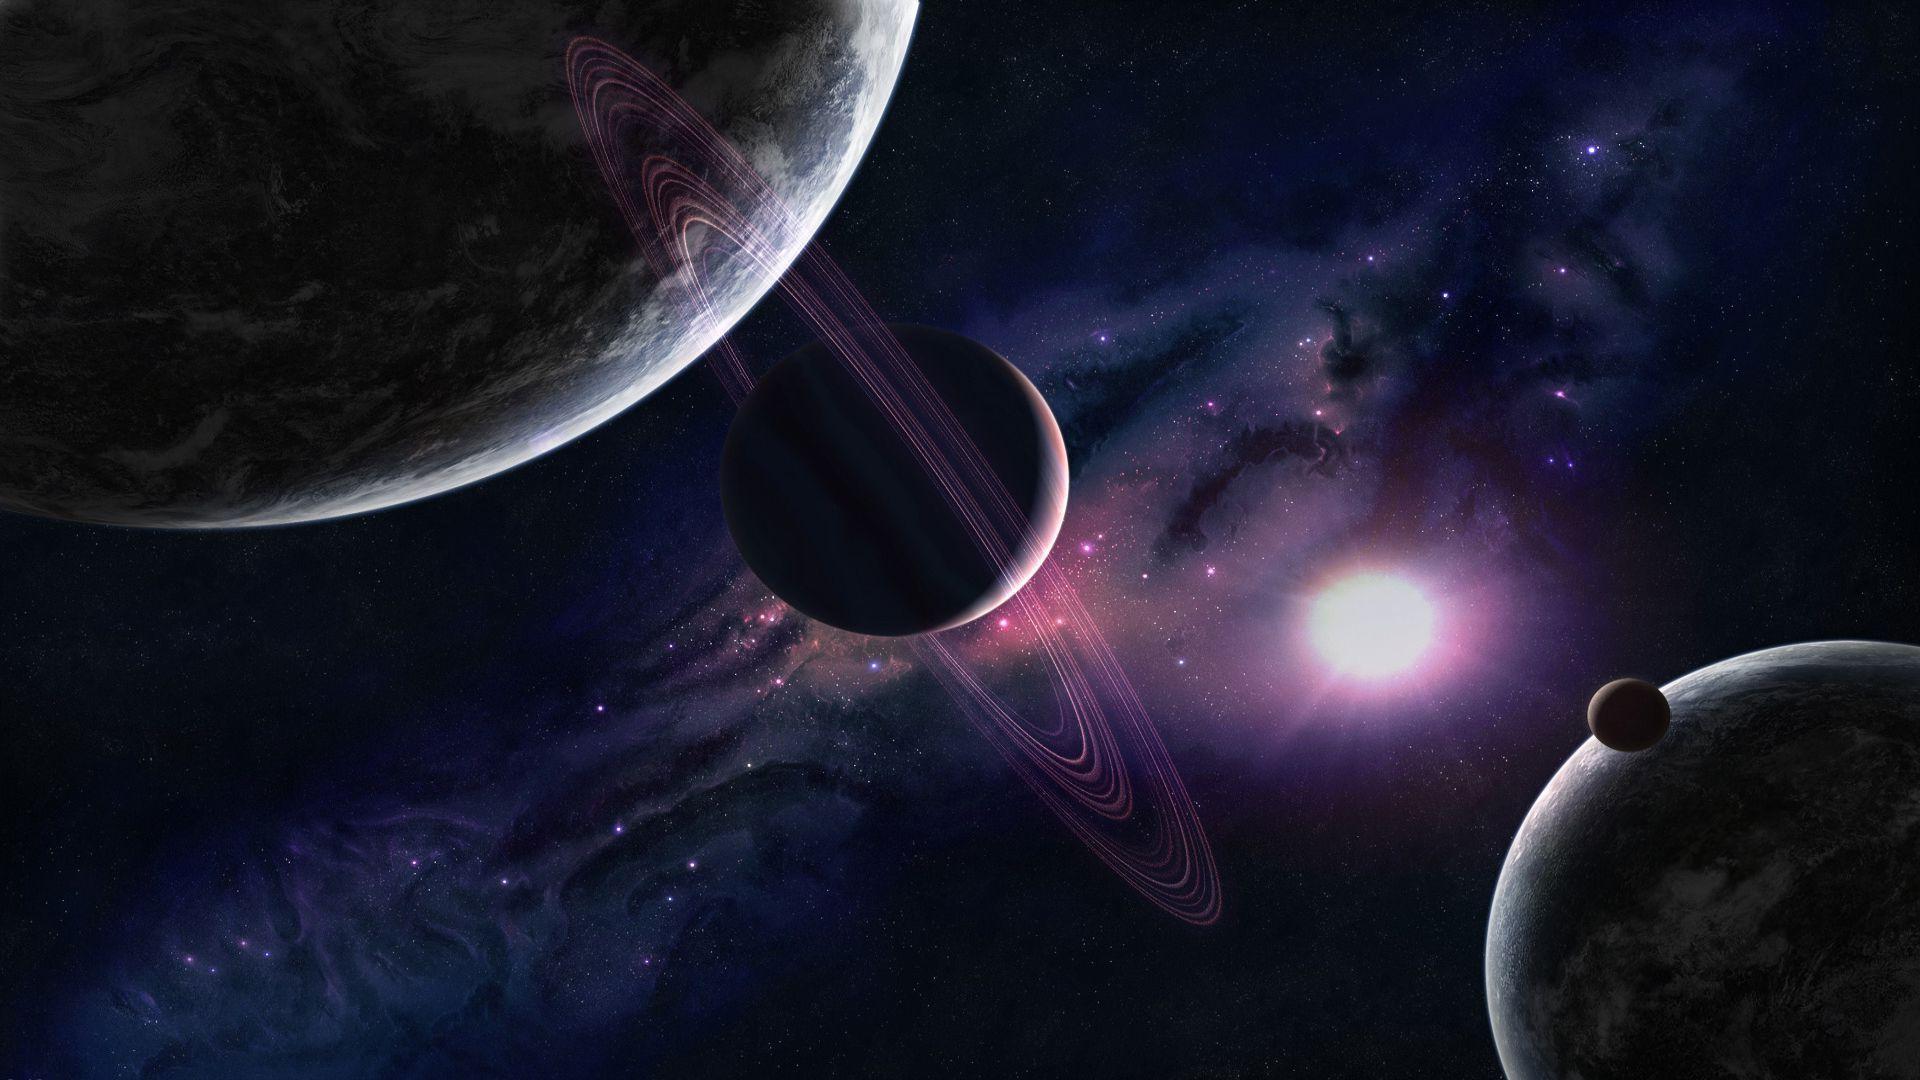 solar system wallpaper 19 - [1920x1080]